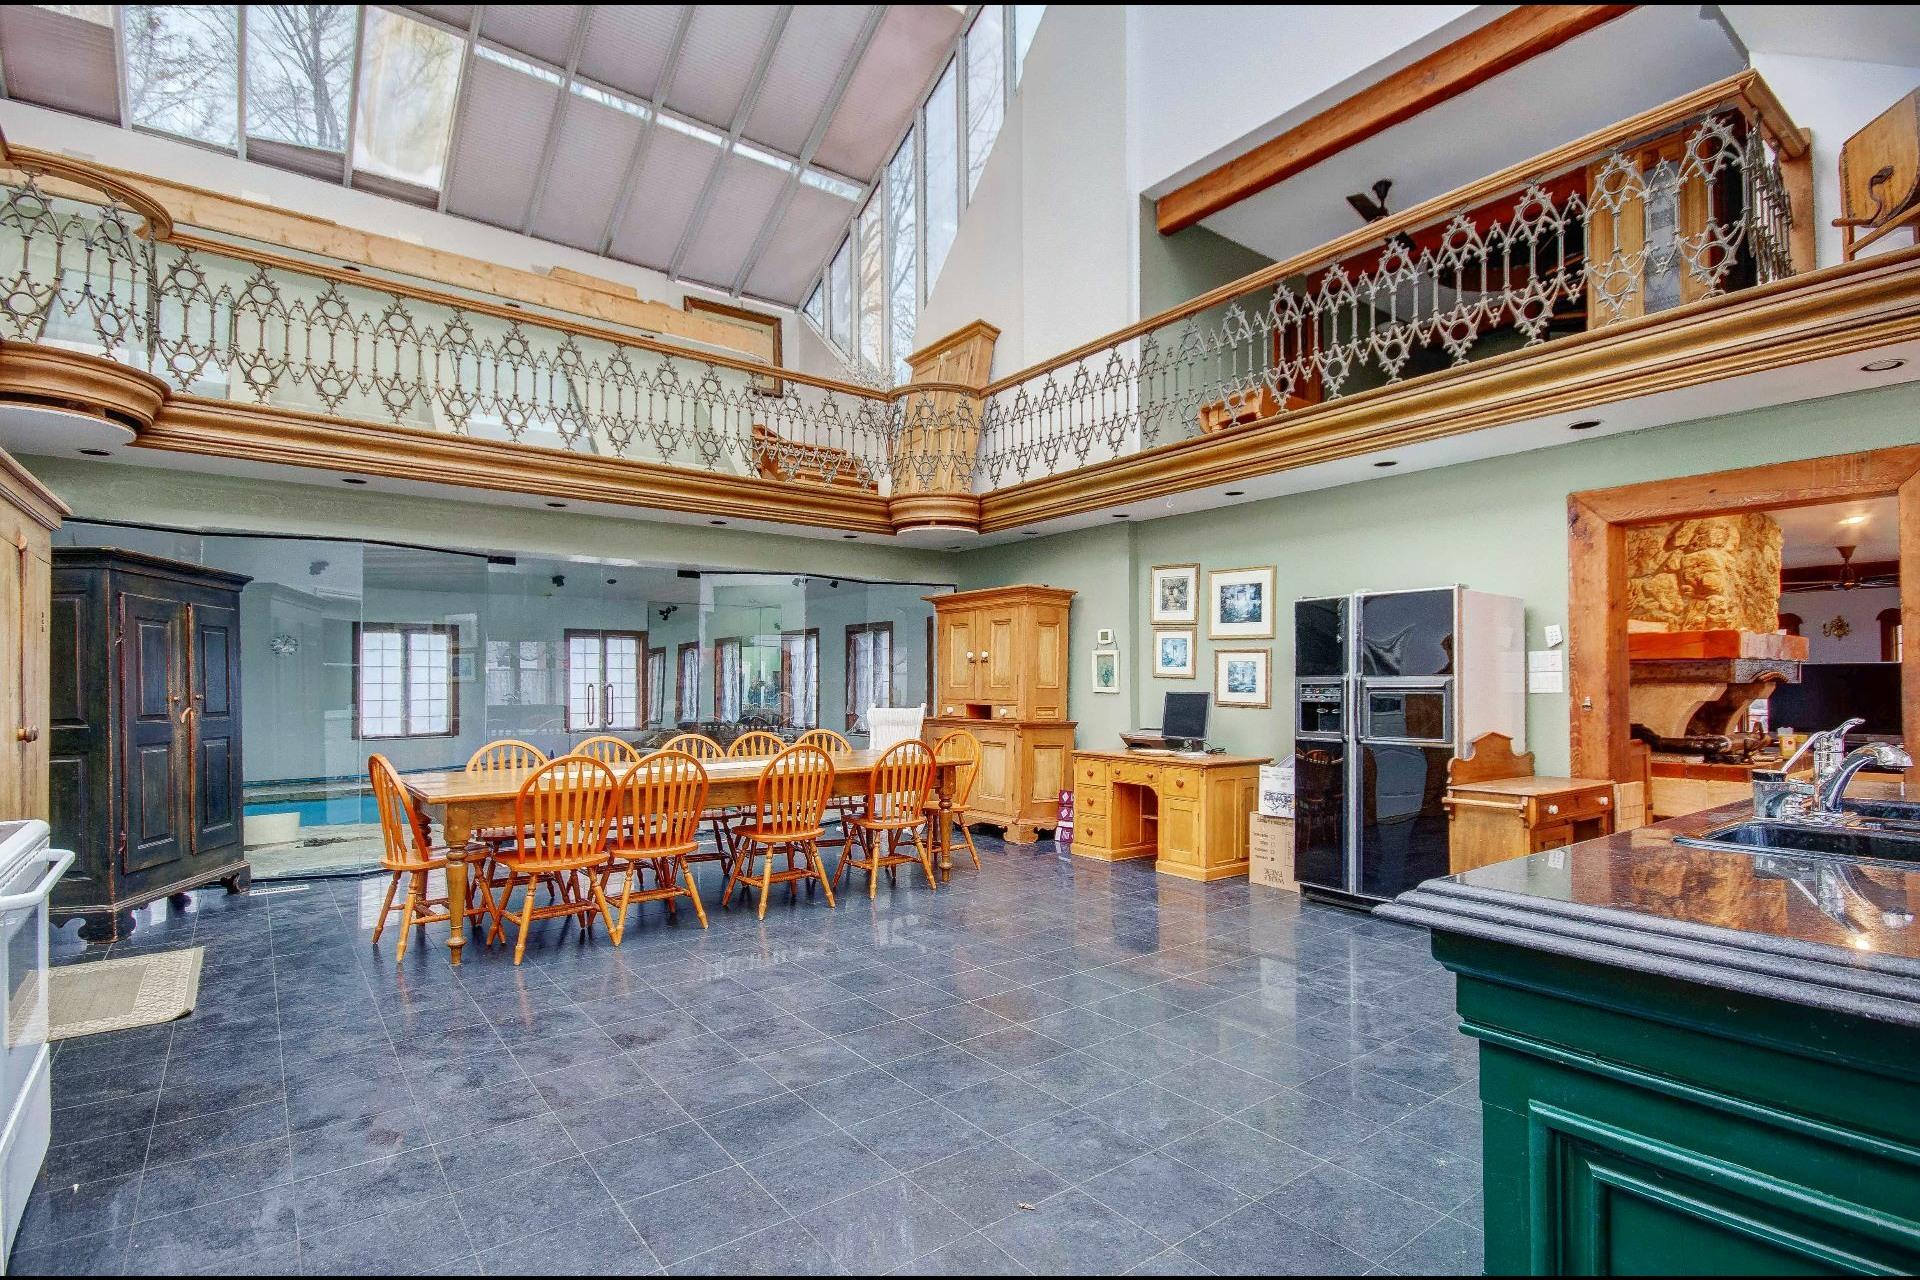 image 4 - Maison À vendre Châteauguay - 12 pièces